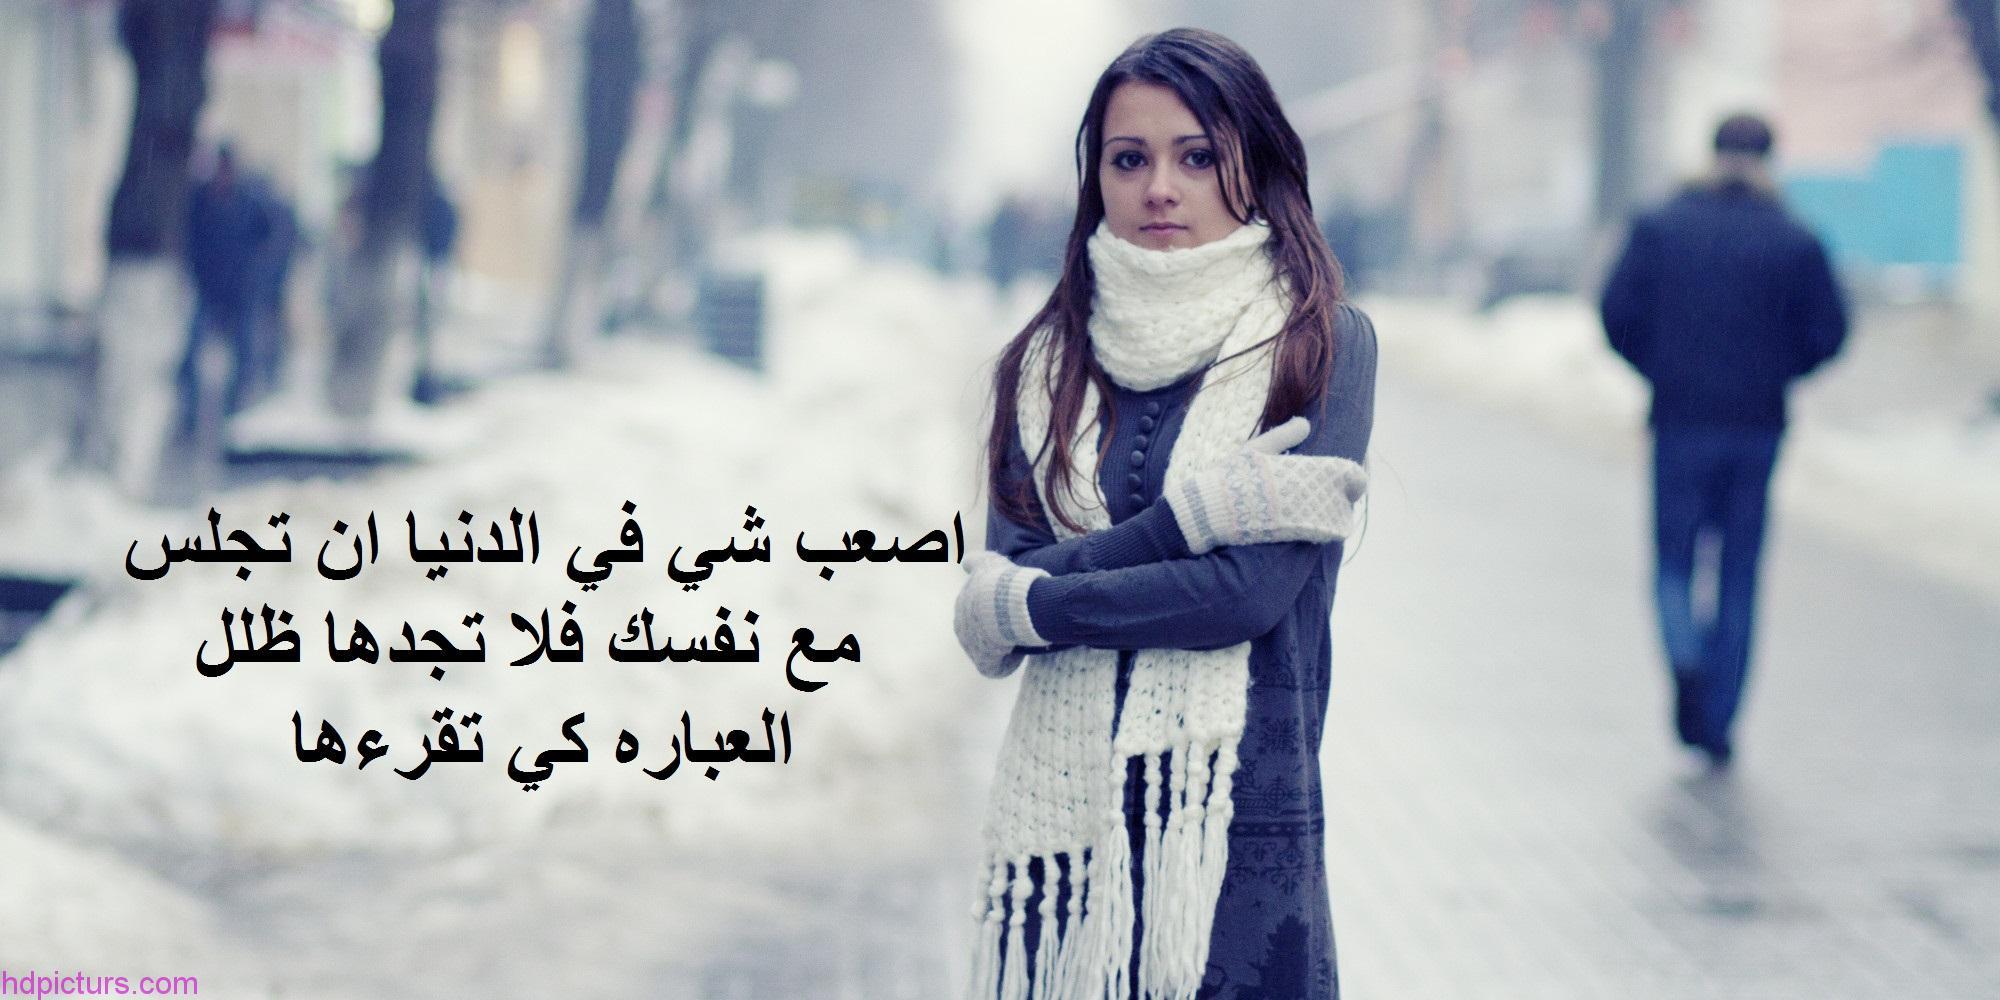 صورة كلام حزين للحبيب , بعد وفراق والم